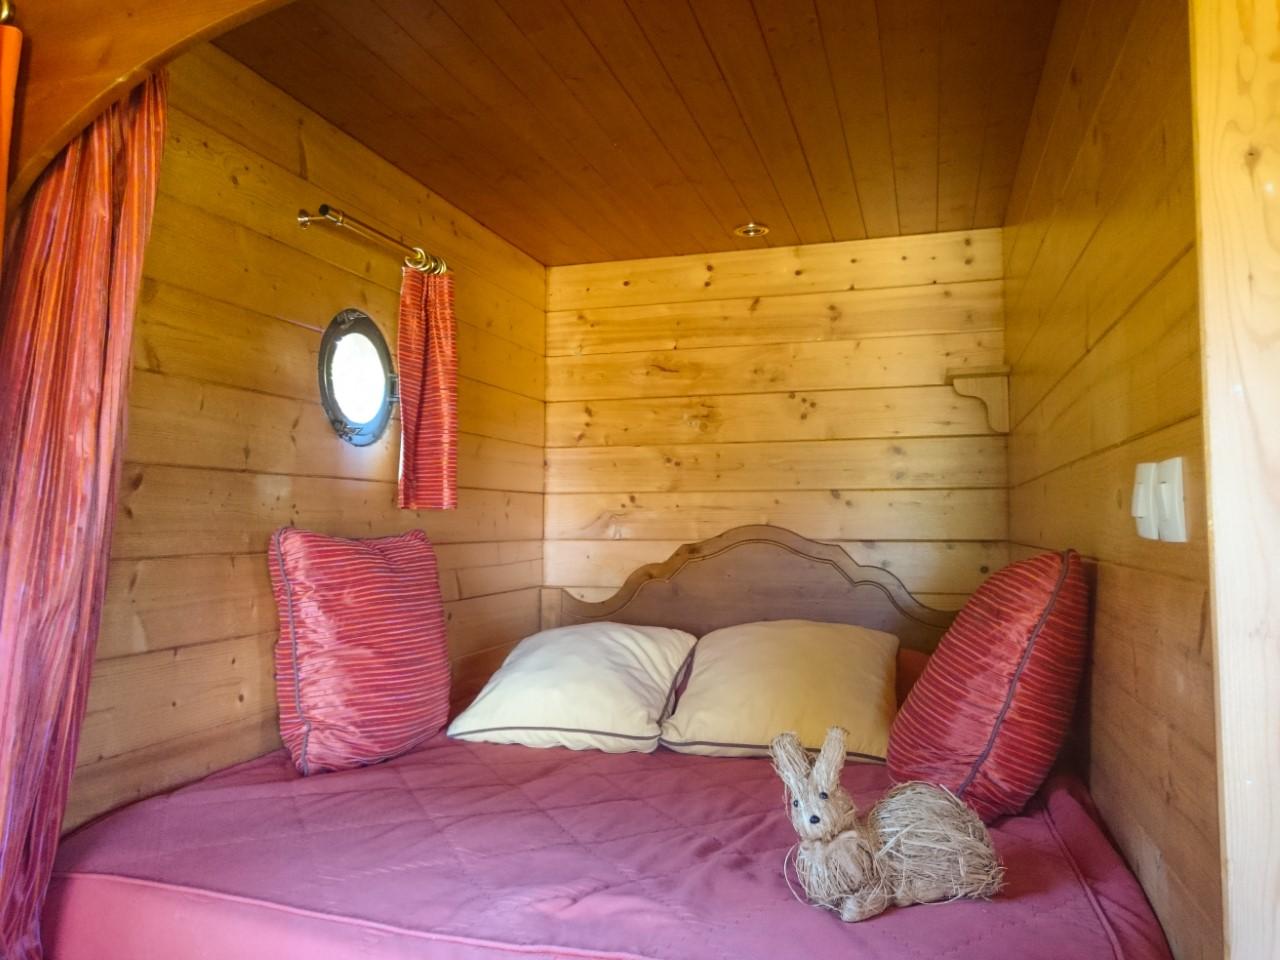 Roulotte Bouton d'or lit en alcove